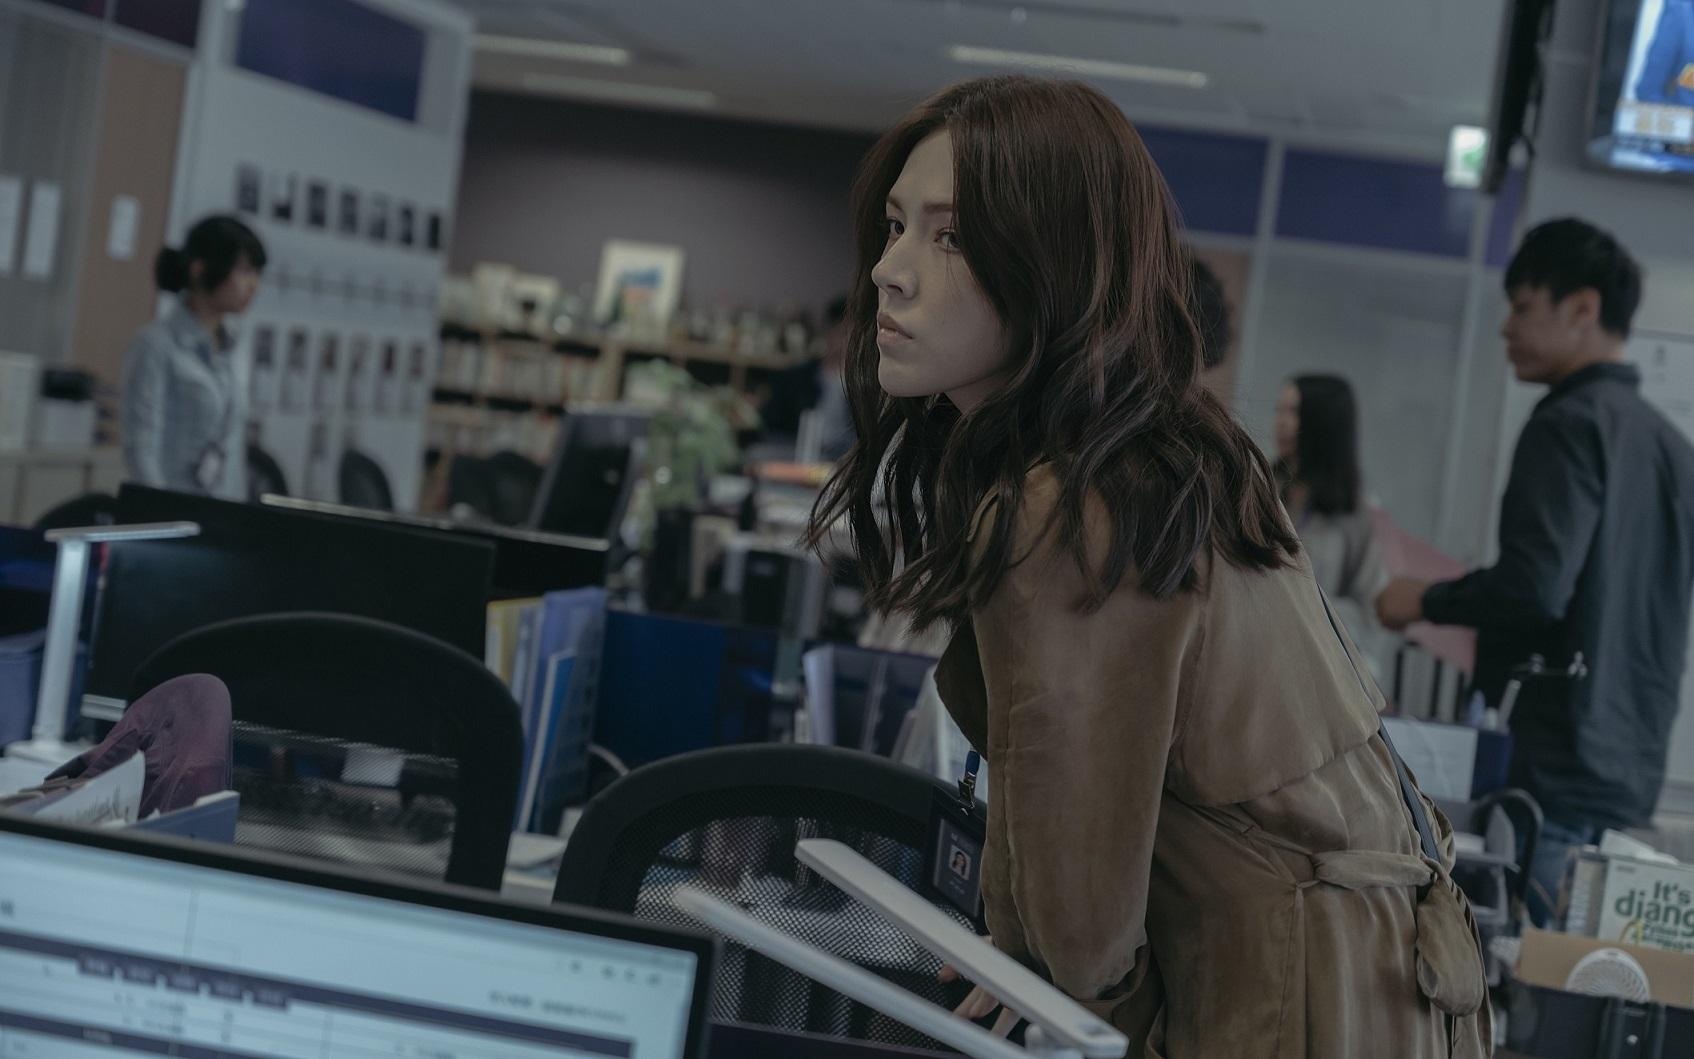 《誰是被害者》中張孝全飾演的鑑識天才被迫與記者許瑋甯合作,對一起女星溶屍命案展開調查。